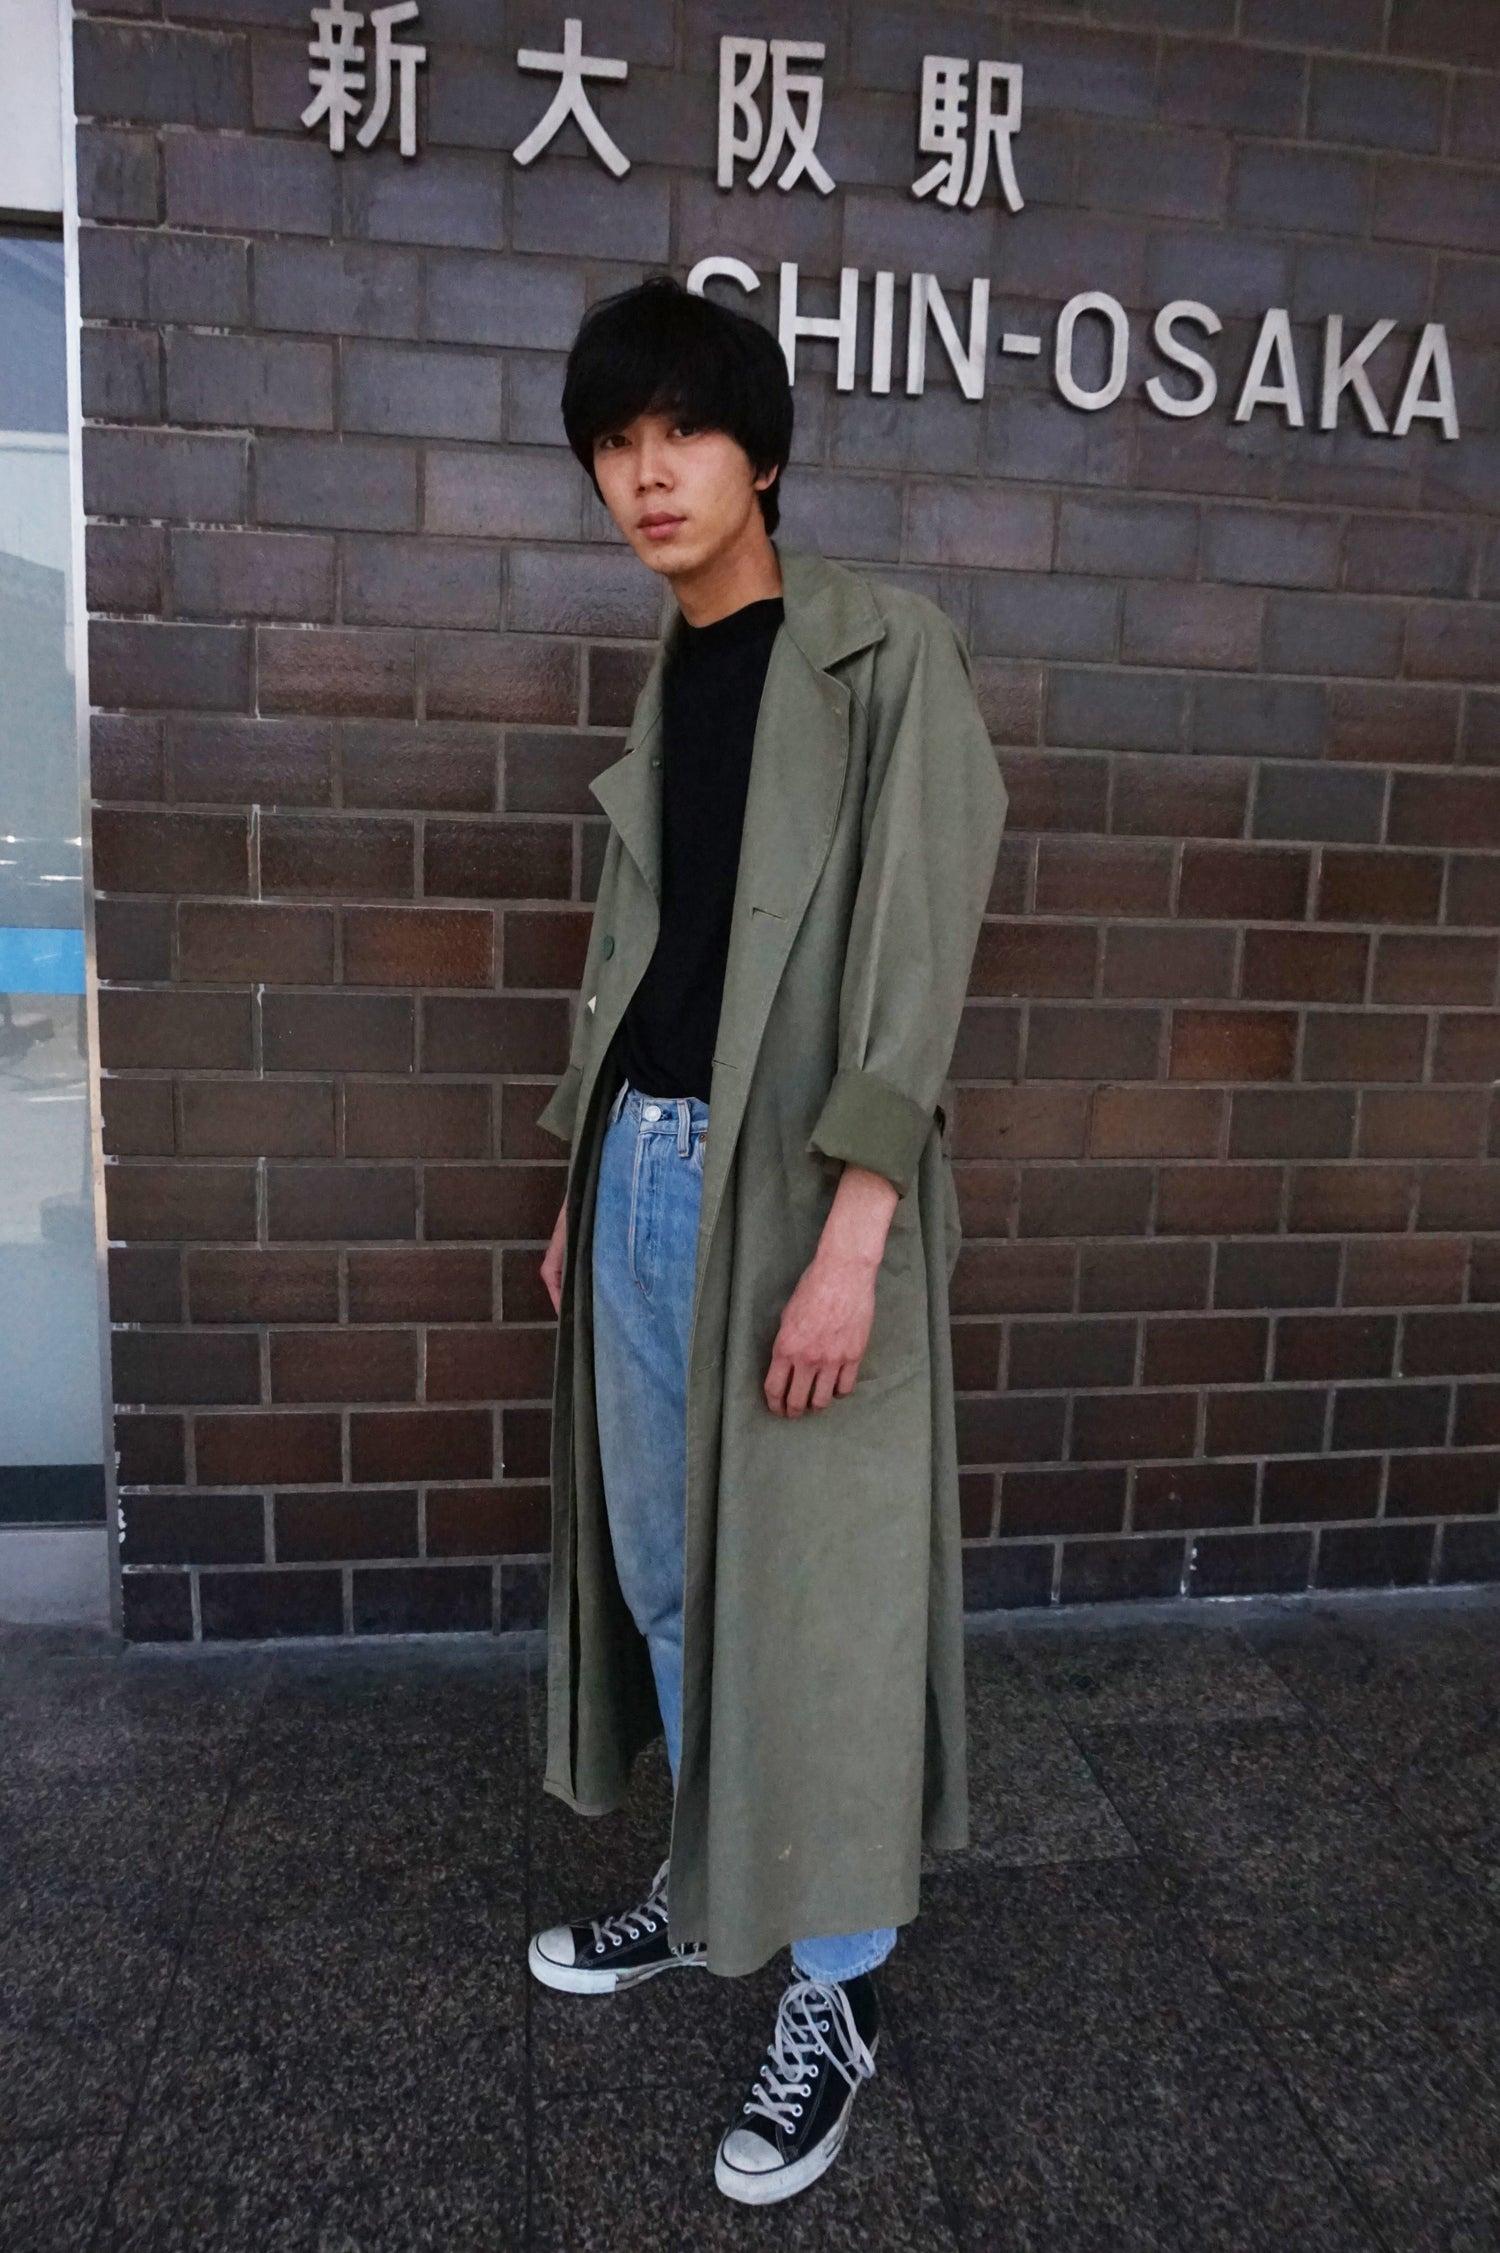 大阪の街の風景に合う洋服は……と思いこのロングコートを選びました。おじさんがハイウエストでタックインをしててさすが大阪だなと思いました。出張の詳細はH條さんのブログで。